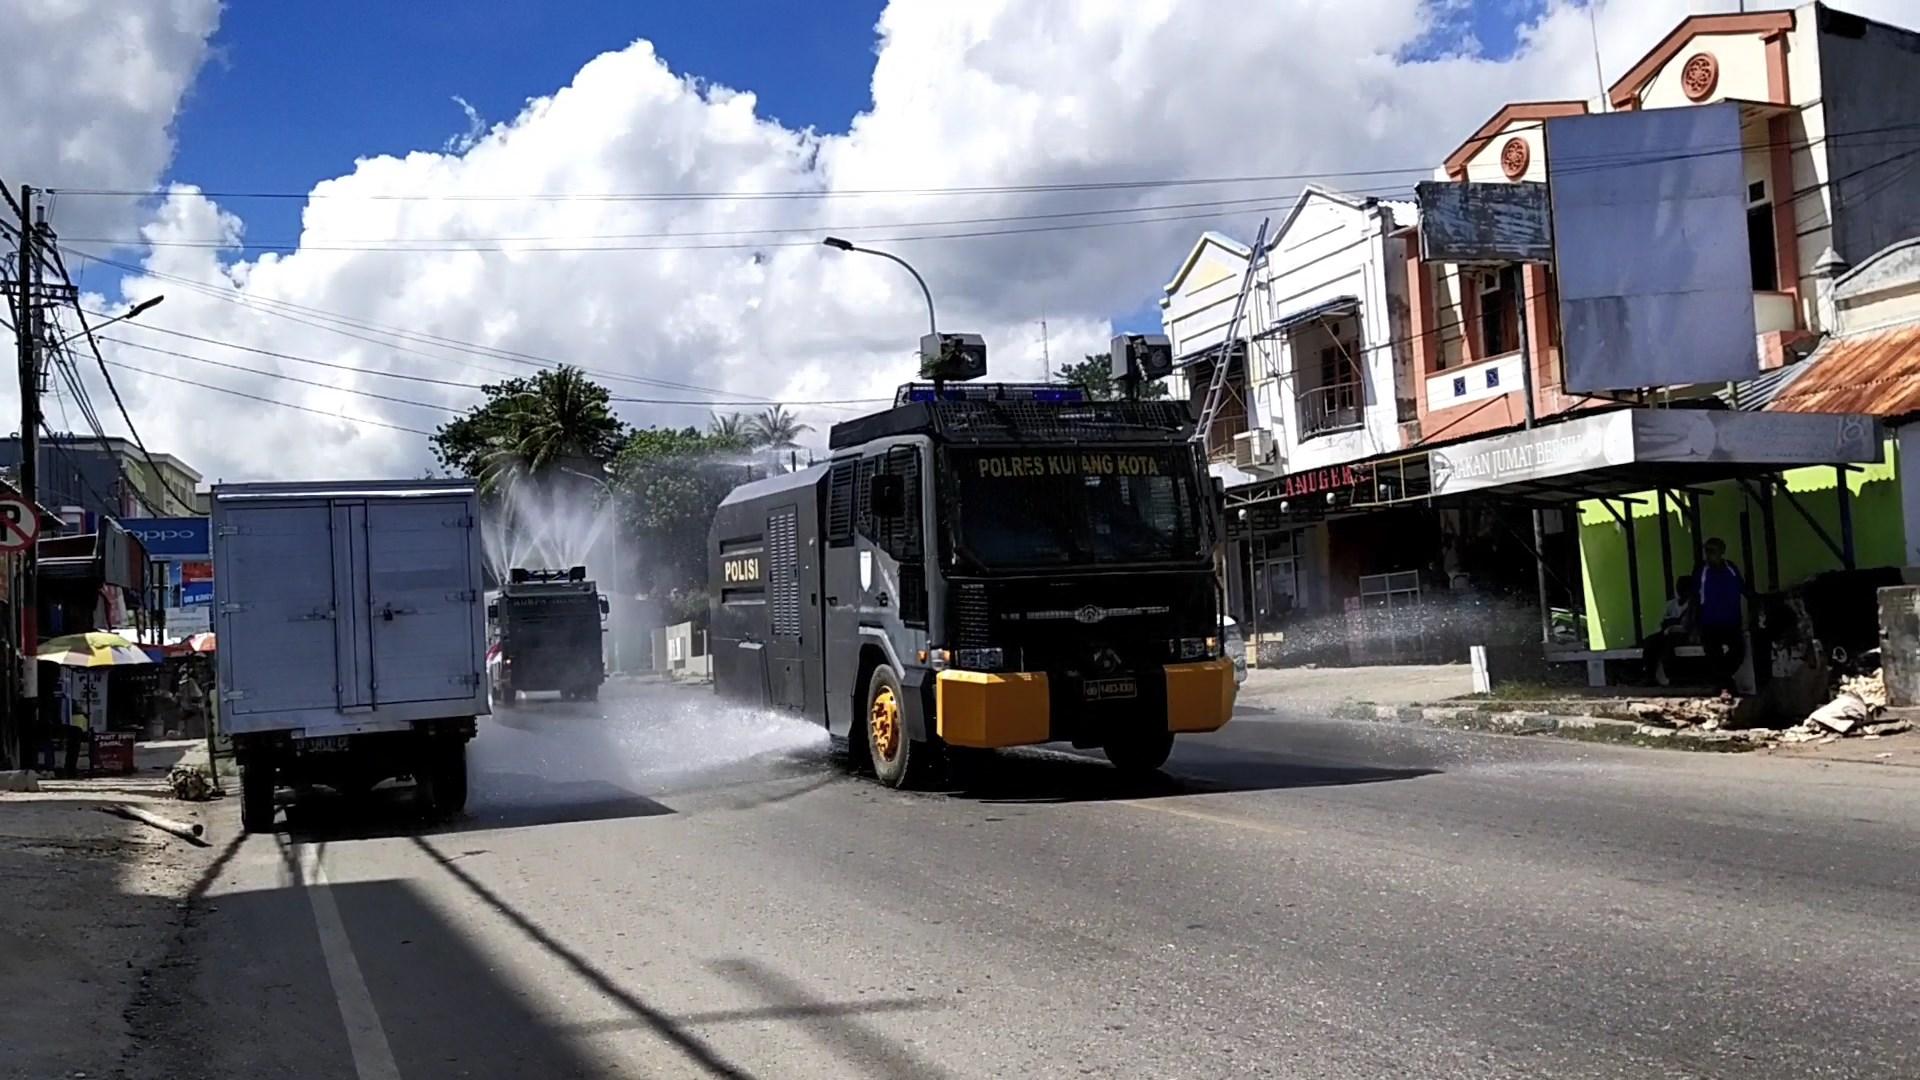 Cegah Penyebaran Covid-19 Jajaran Polda NTT Lakukan  Penyemprotan Disinfektan,Disertai Sosialisasi di Wilayah Kota Kupang.